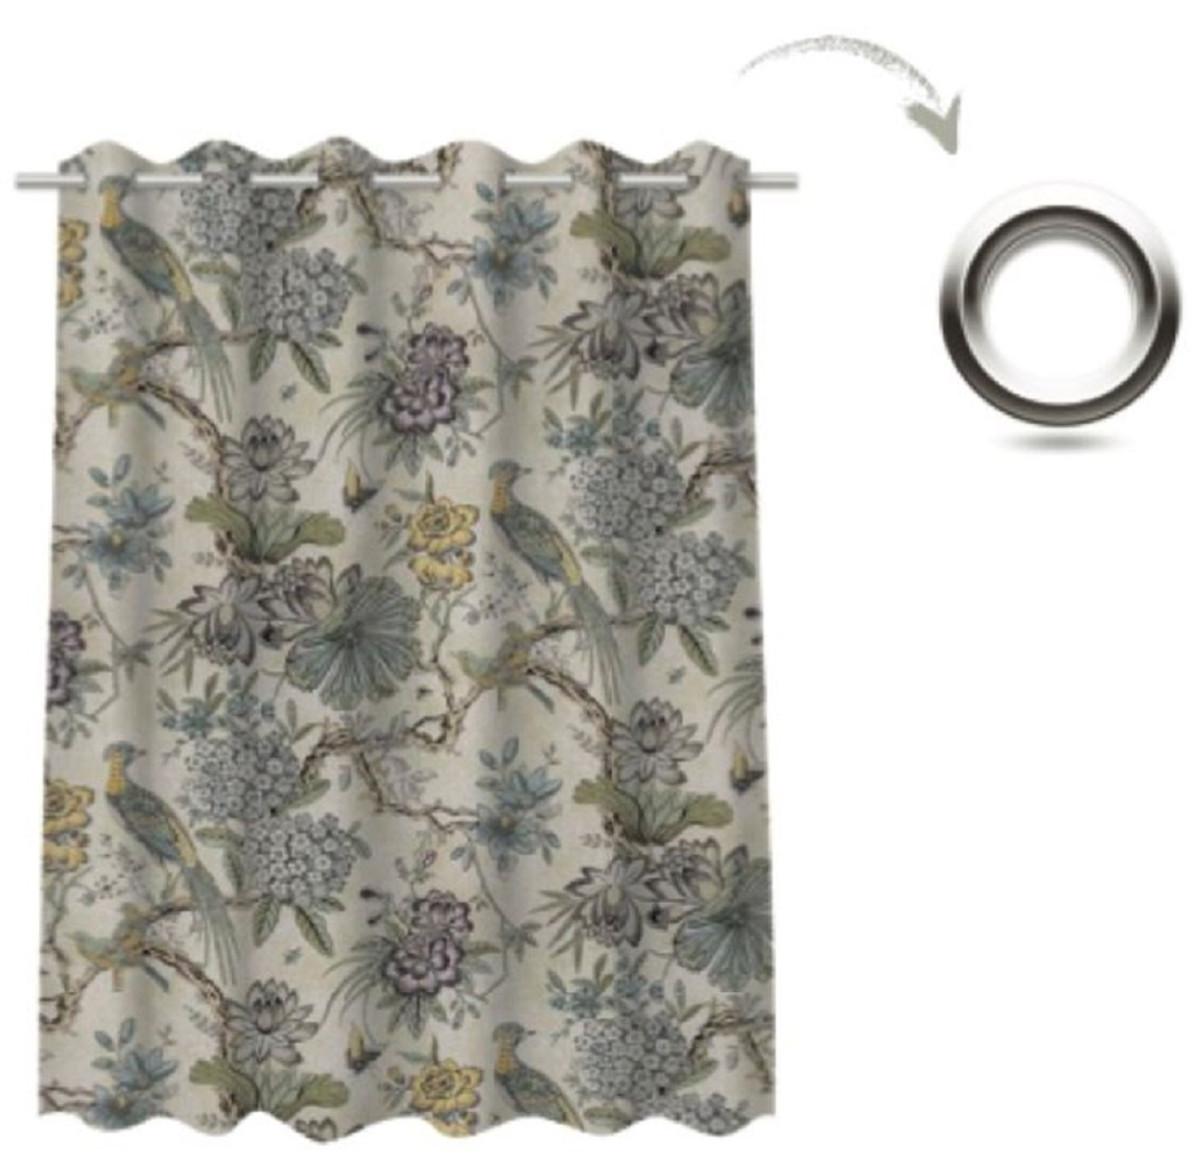 casa padrino ensemble de rideaux de luxe fleurs oiseaux beige clair multicolore 250 x h 290 cm rideaux en lin et velours imprimes rideaux a